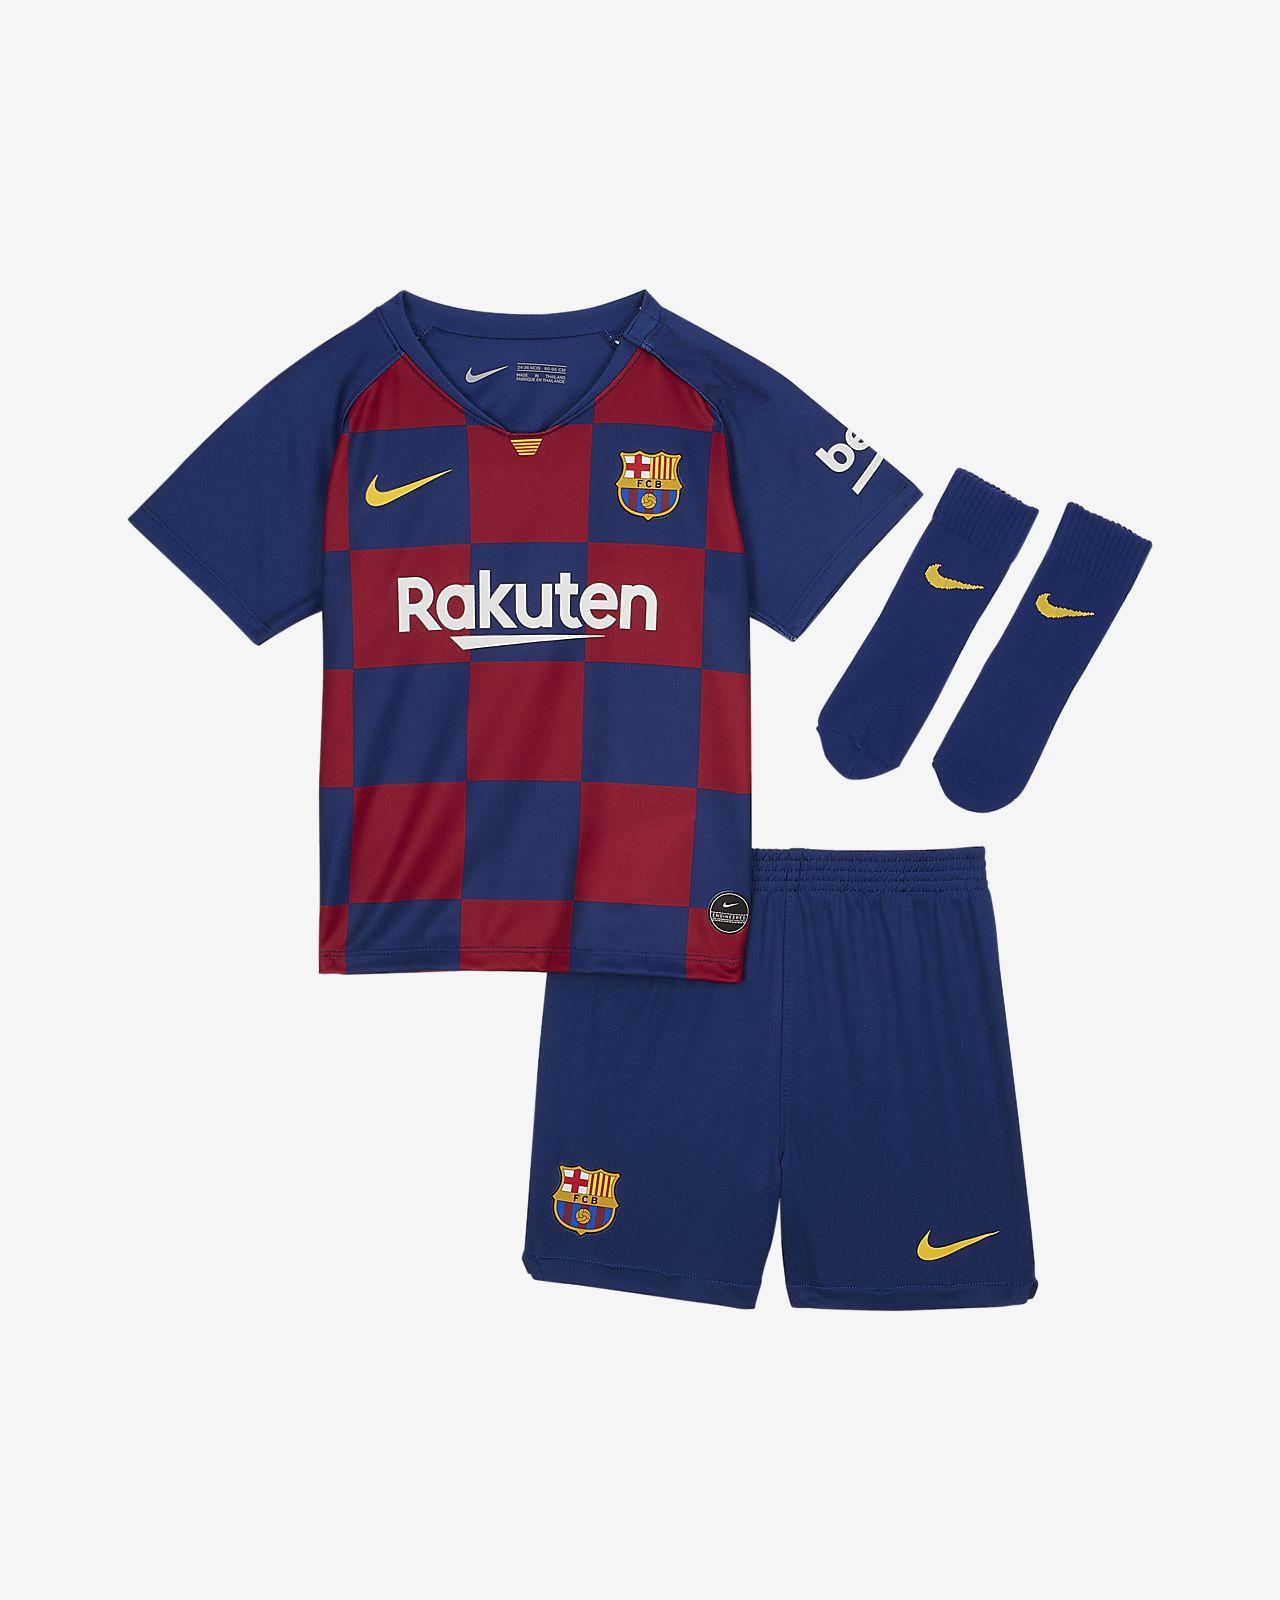 FC Barcelona 2019/20 Home fotballsett til sped-/småbarn